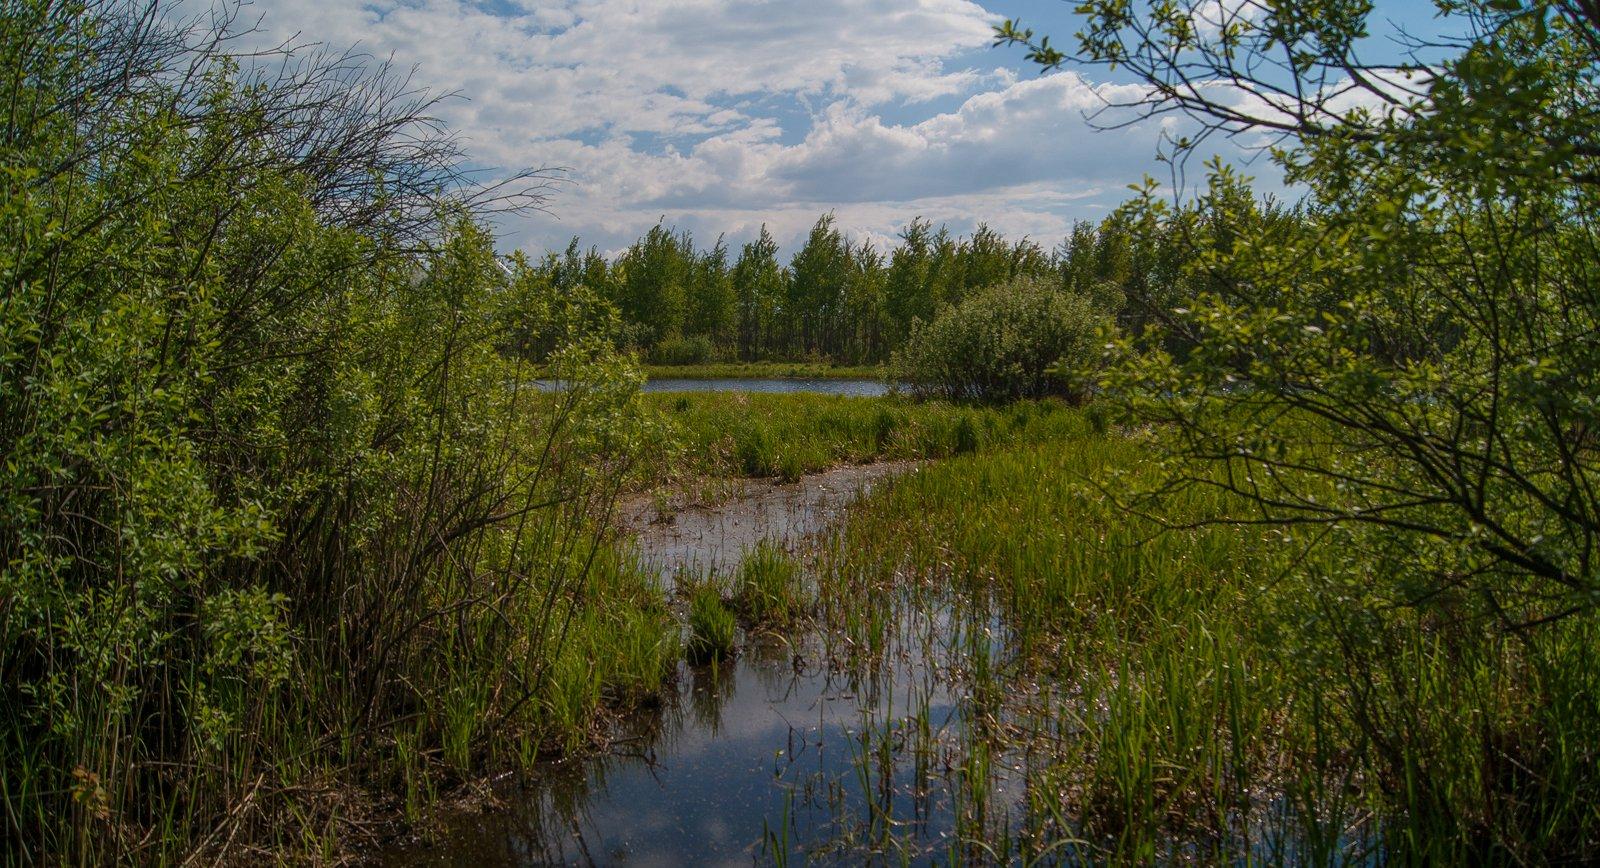 берега у озера Голосок подболочены и подобраться к воде можно лишь по клади...